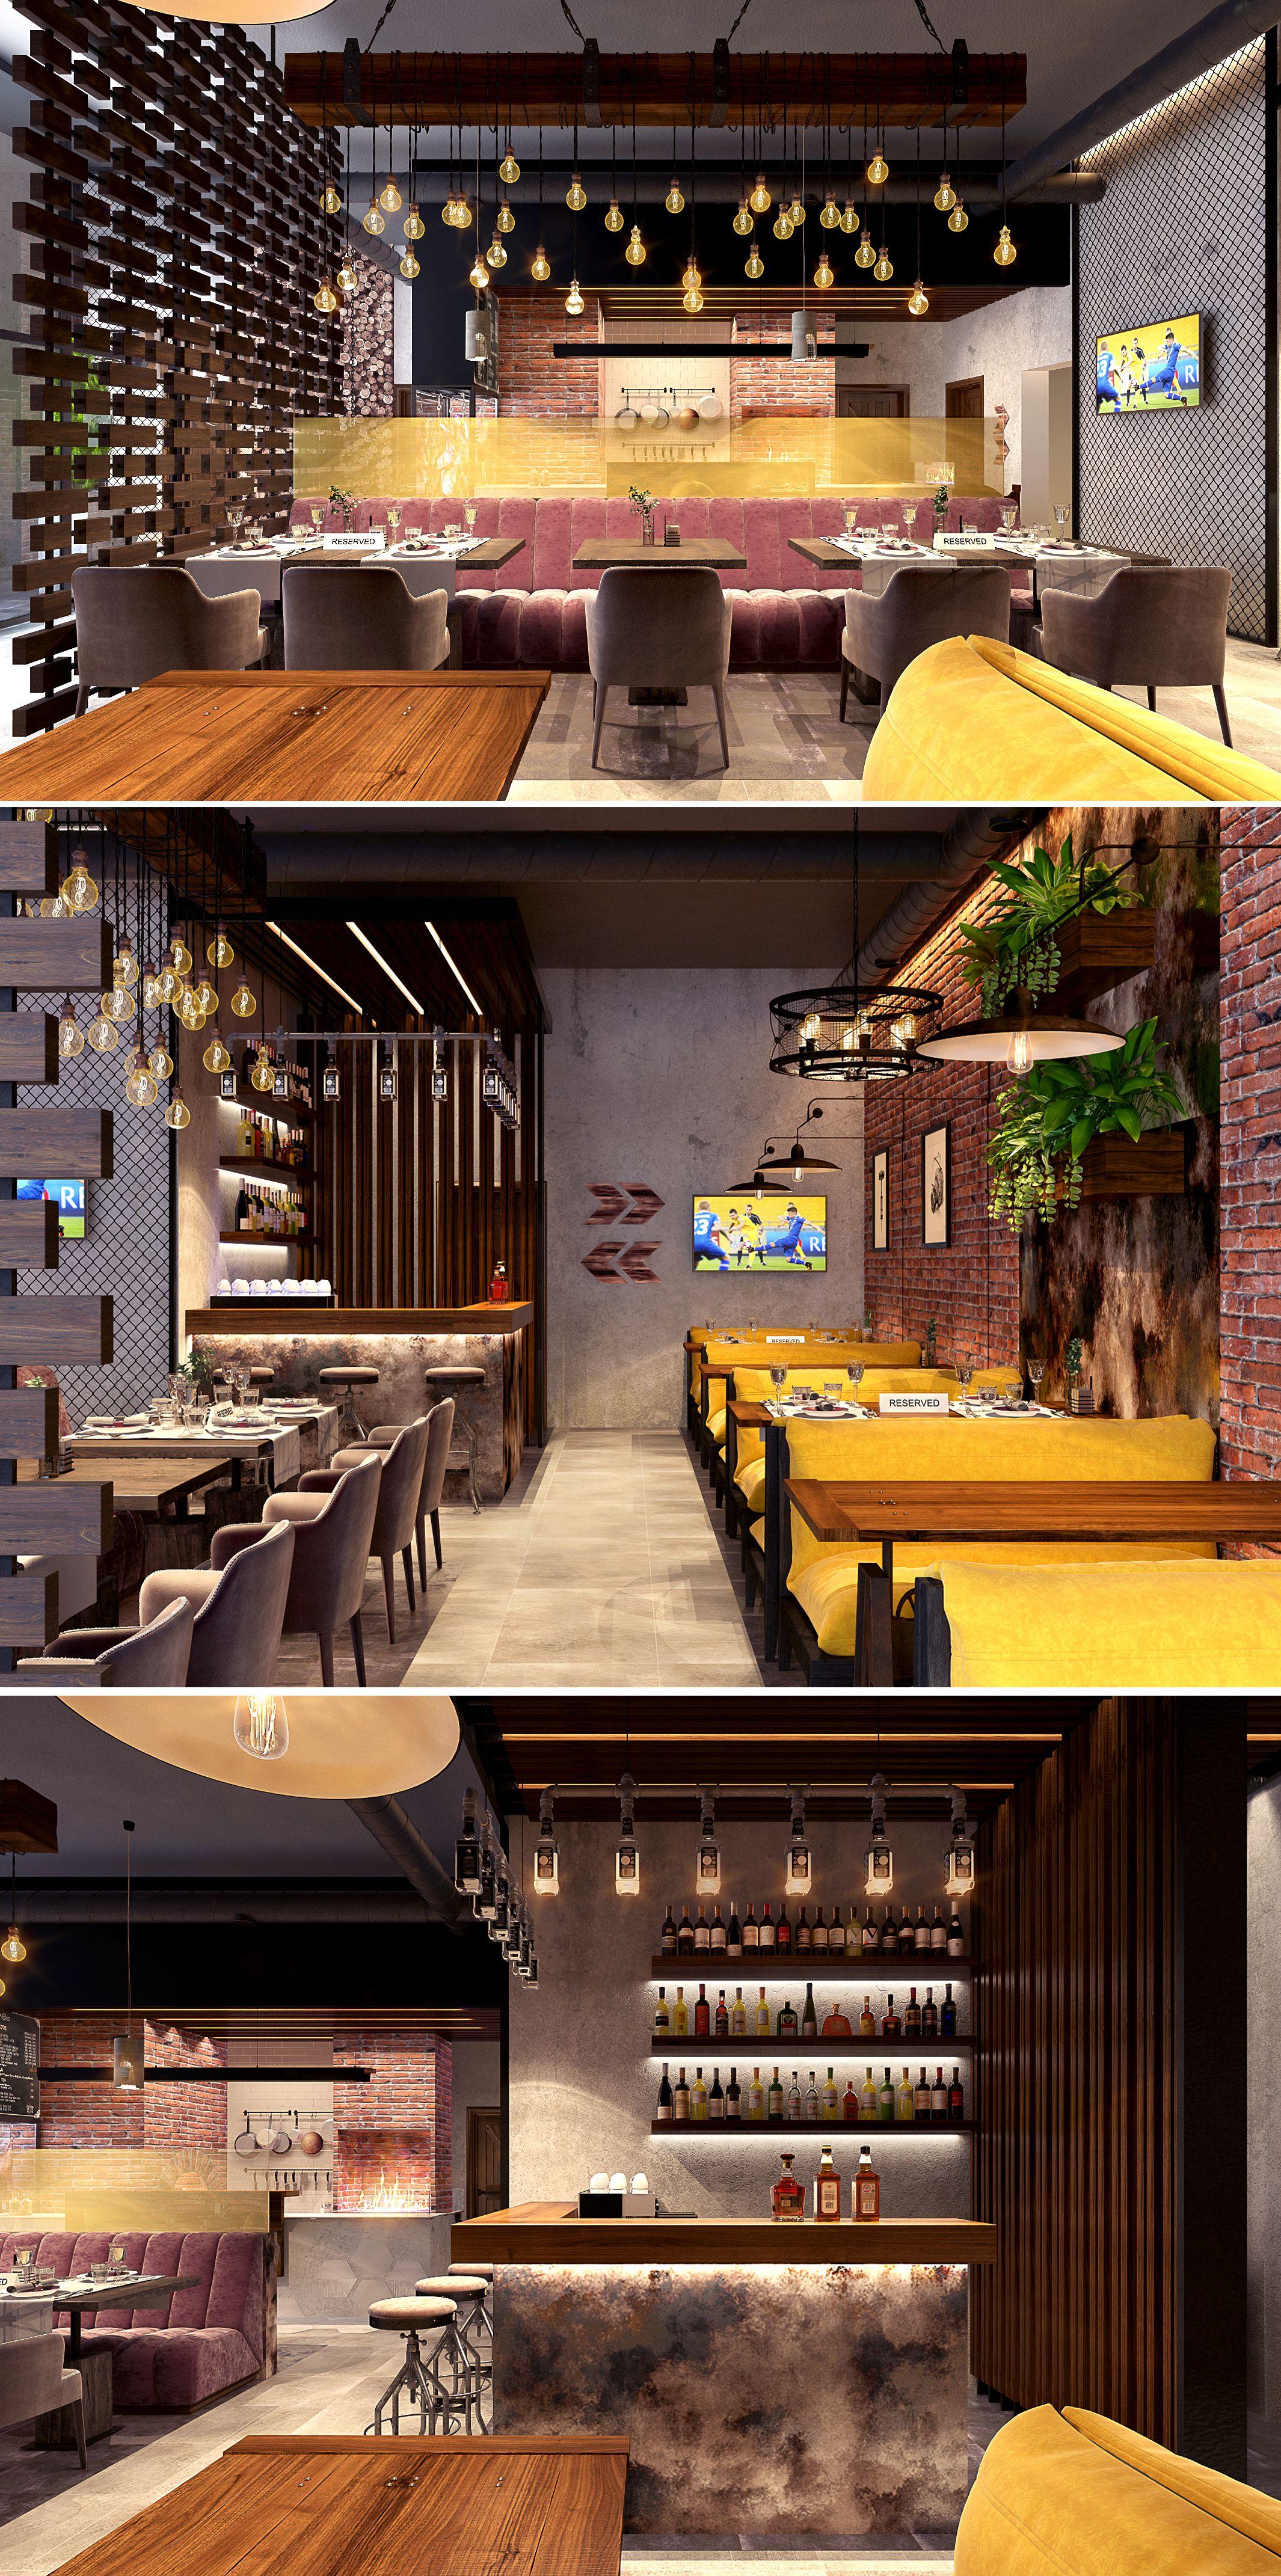 587e846ad0e72.jpeg (2130×4284) | Рестораны | Pinterest ...